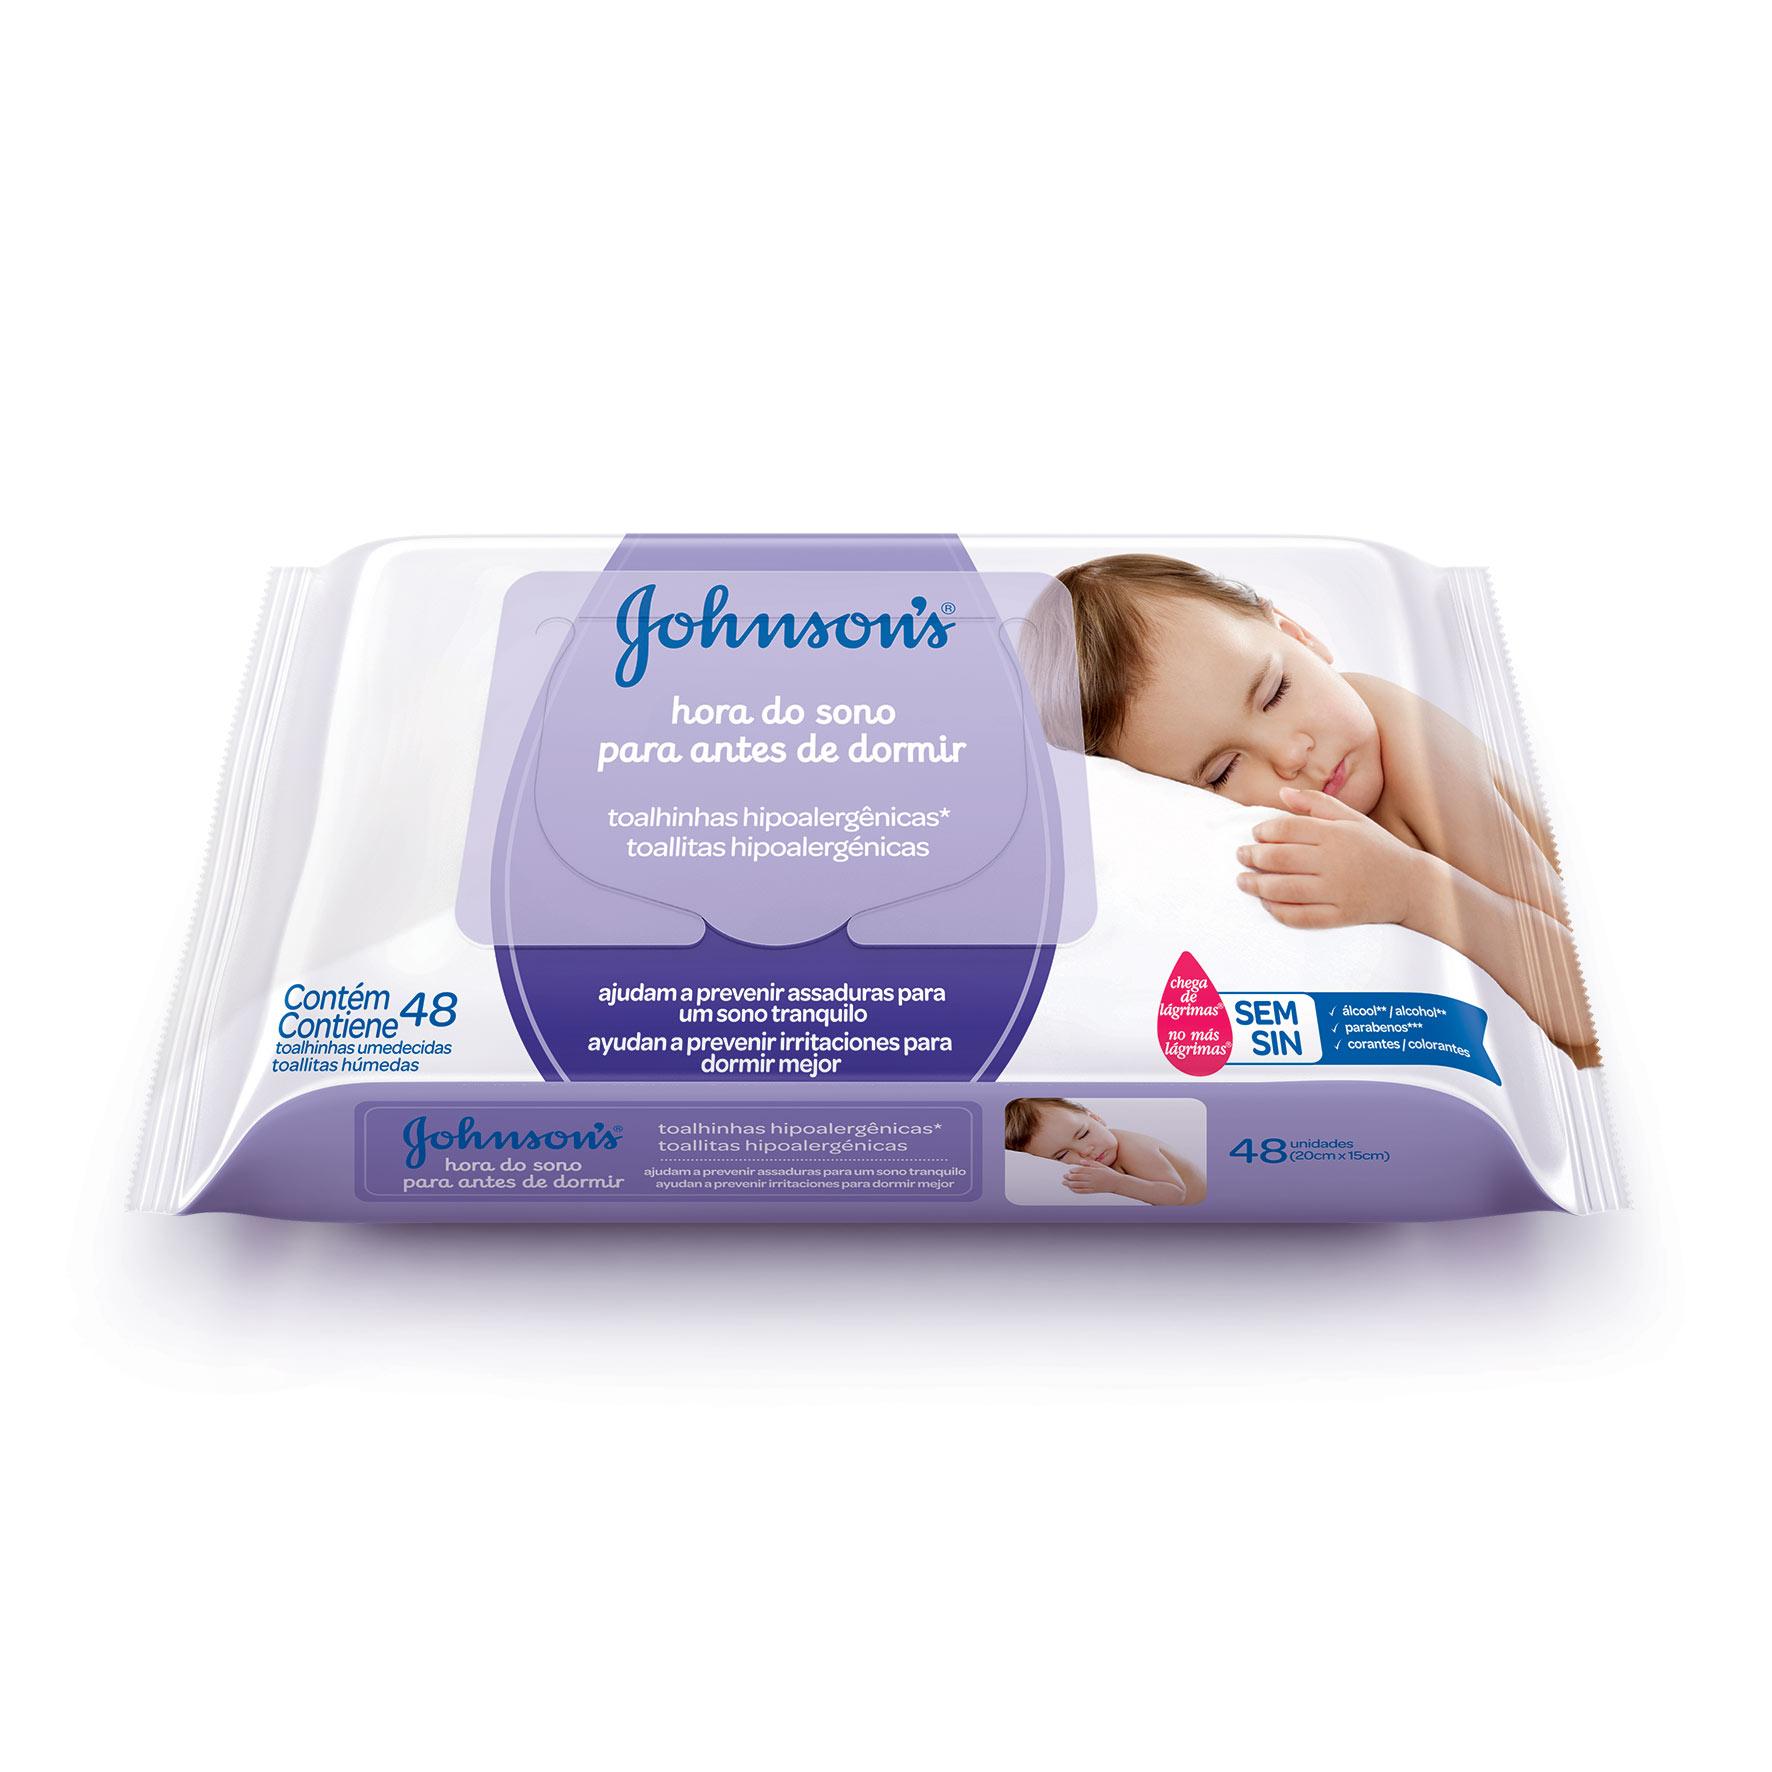 Johnson's® Toalhinhas Hipoalergênicas Hora do Sono